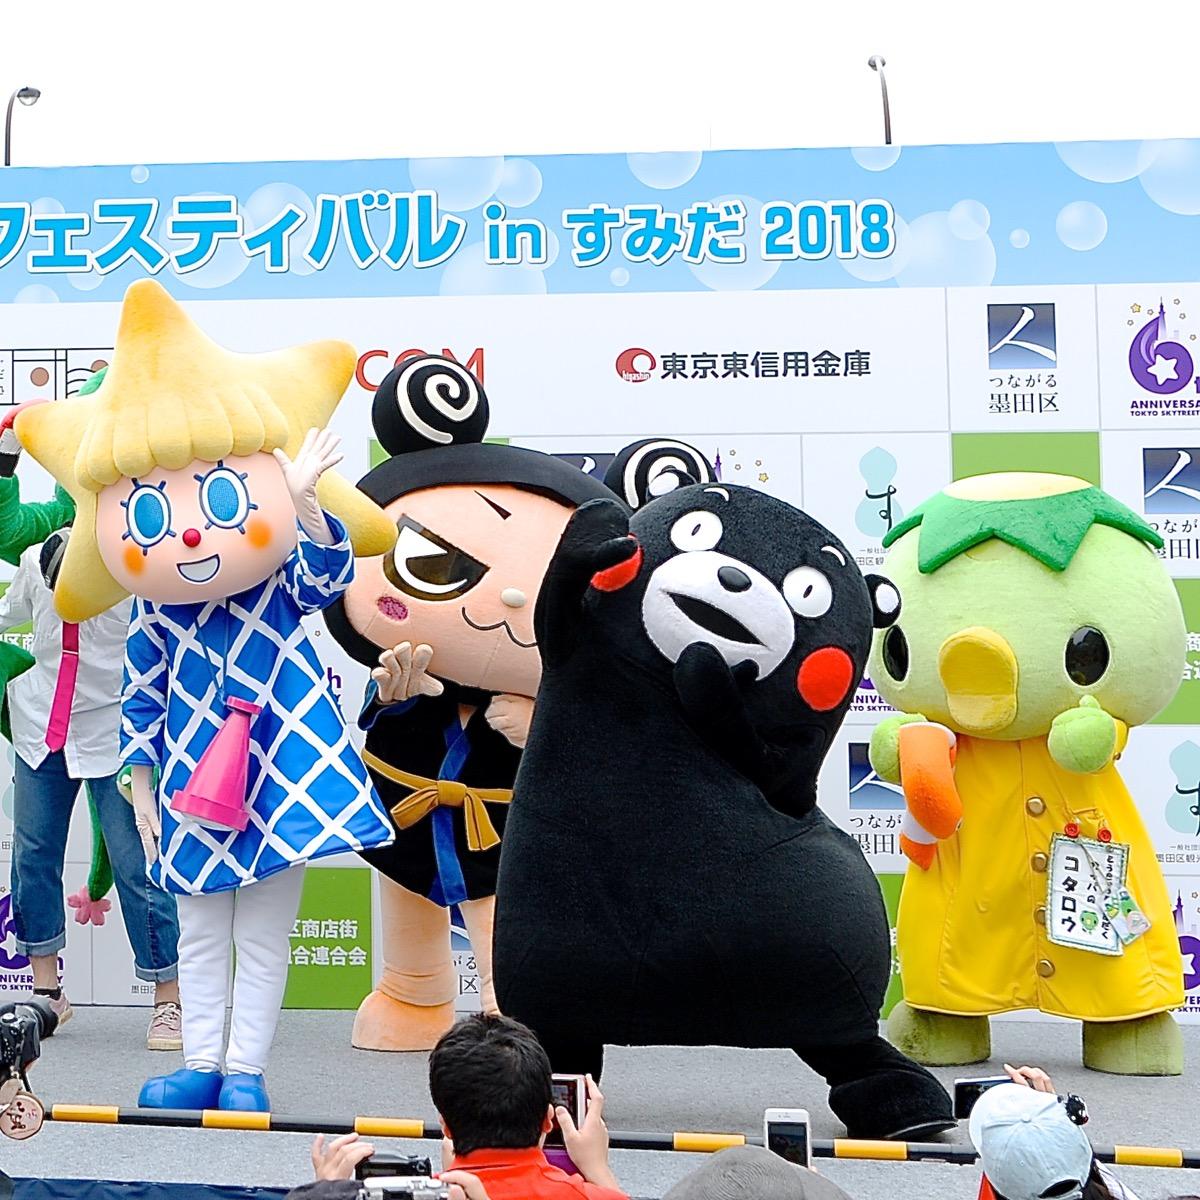 ご当地キャラクターフェスティバル in すみだ 2018 集合